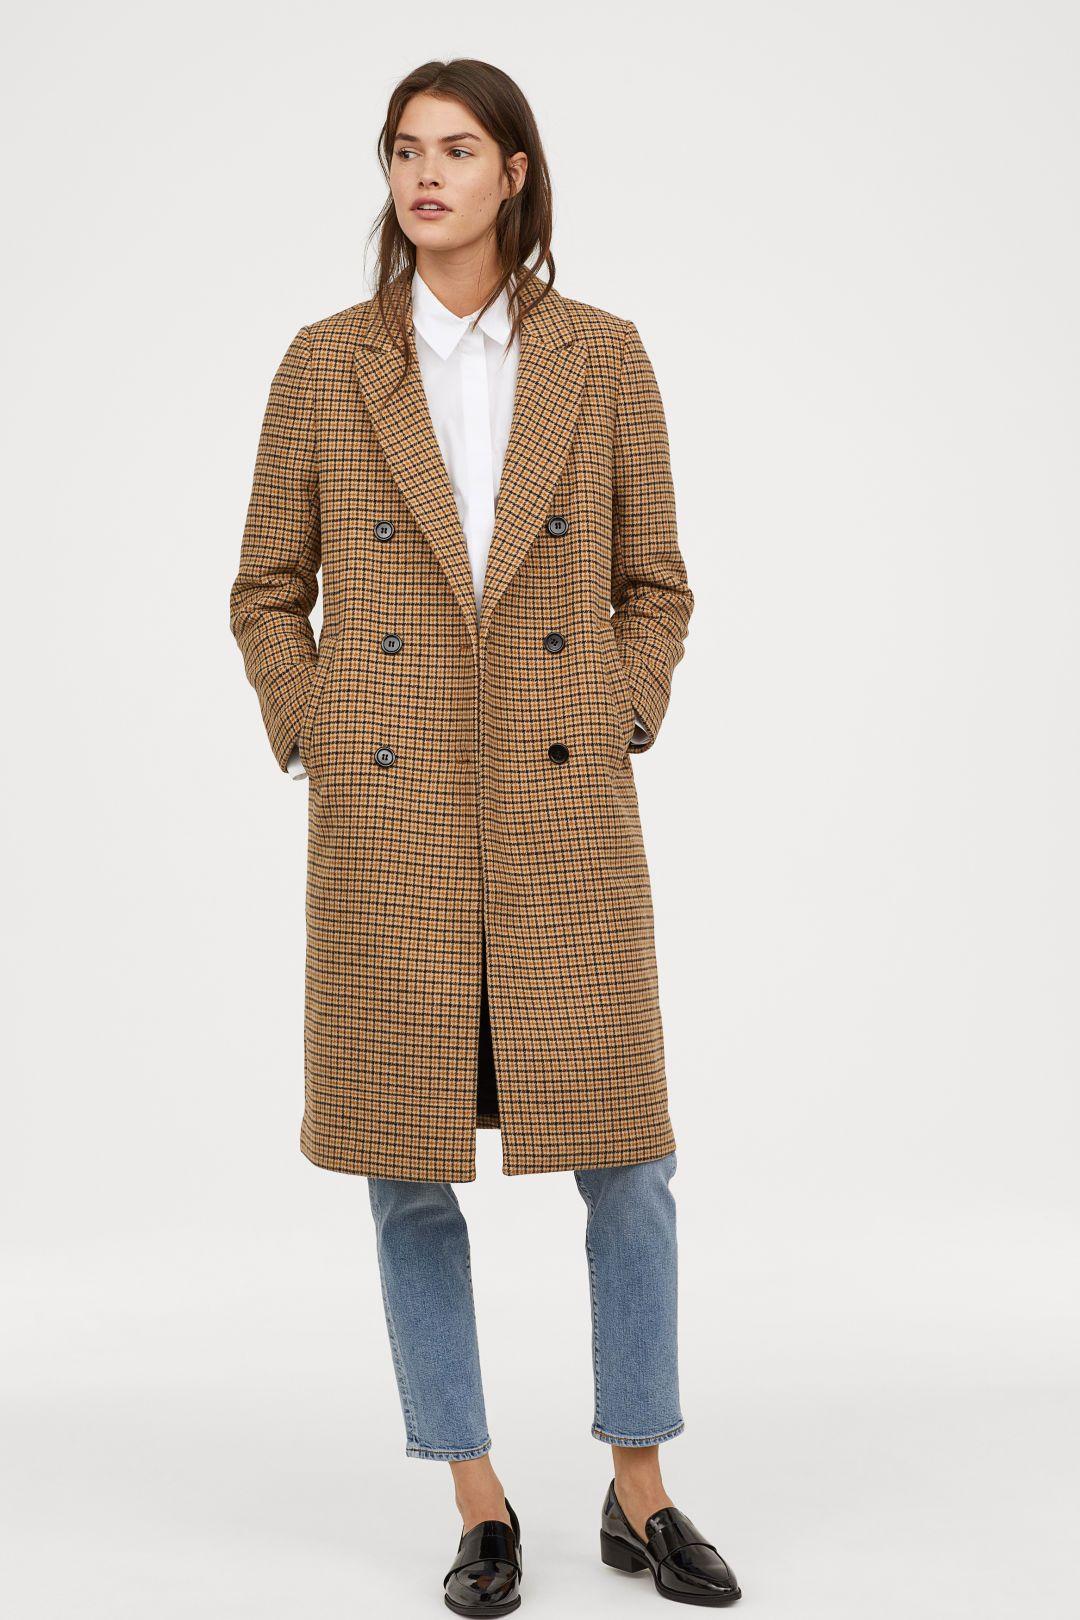 Dubbelknäppt kappa | W O R K | Double breasted coat, Plaid